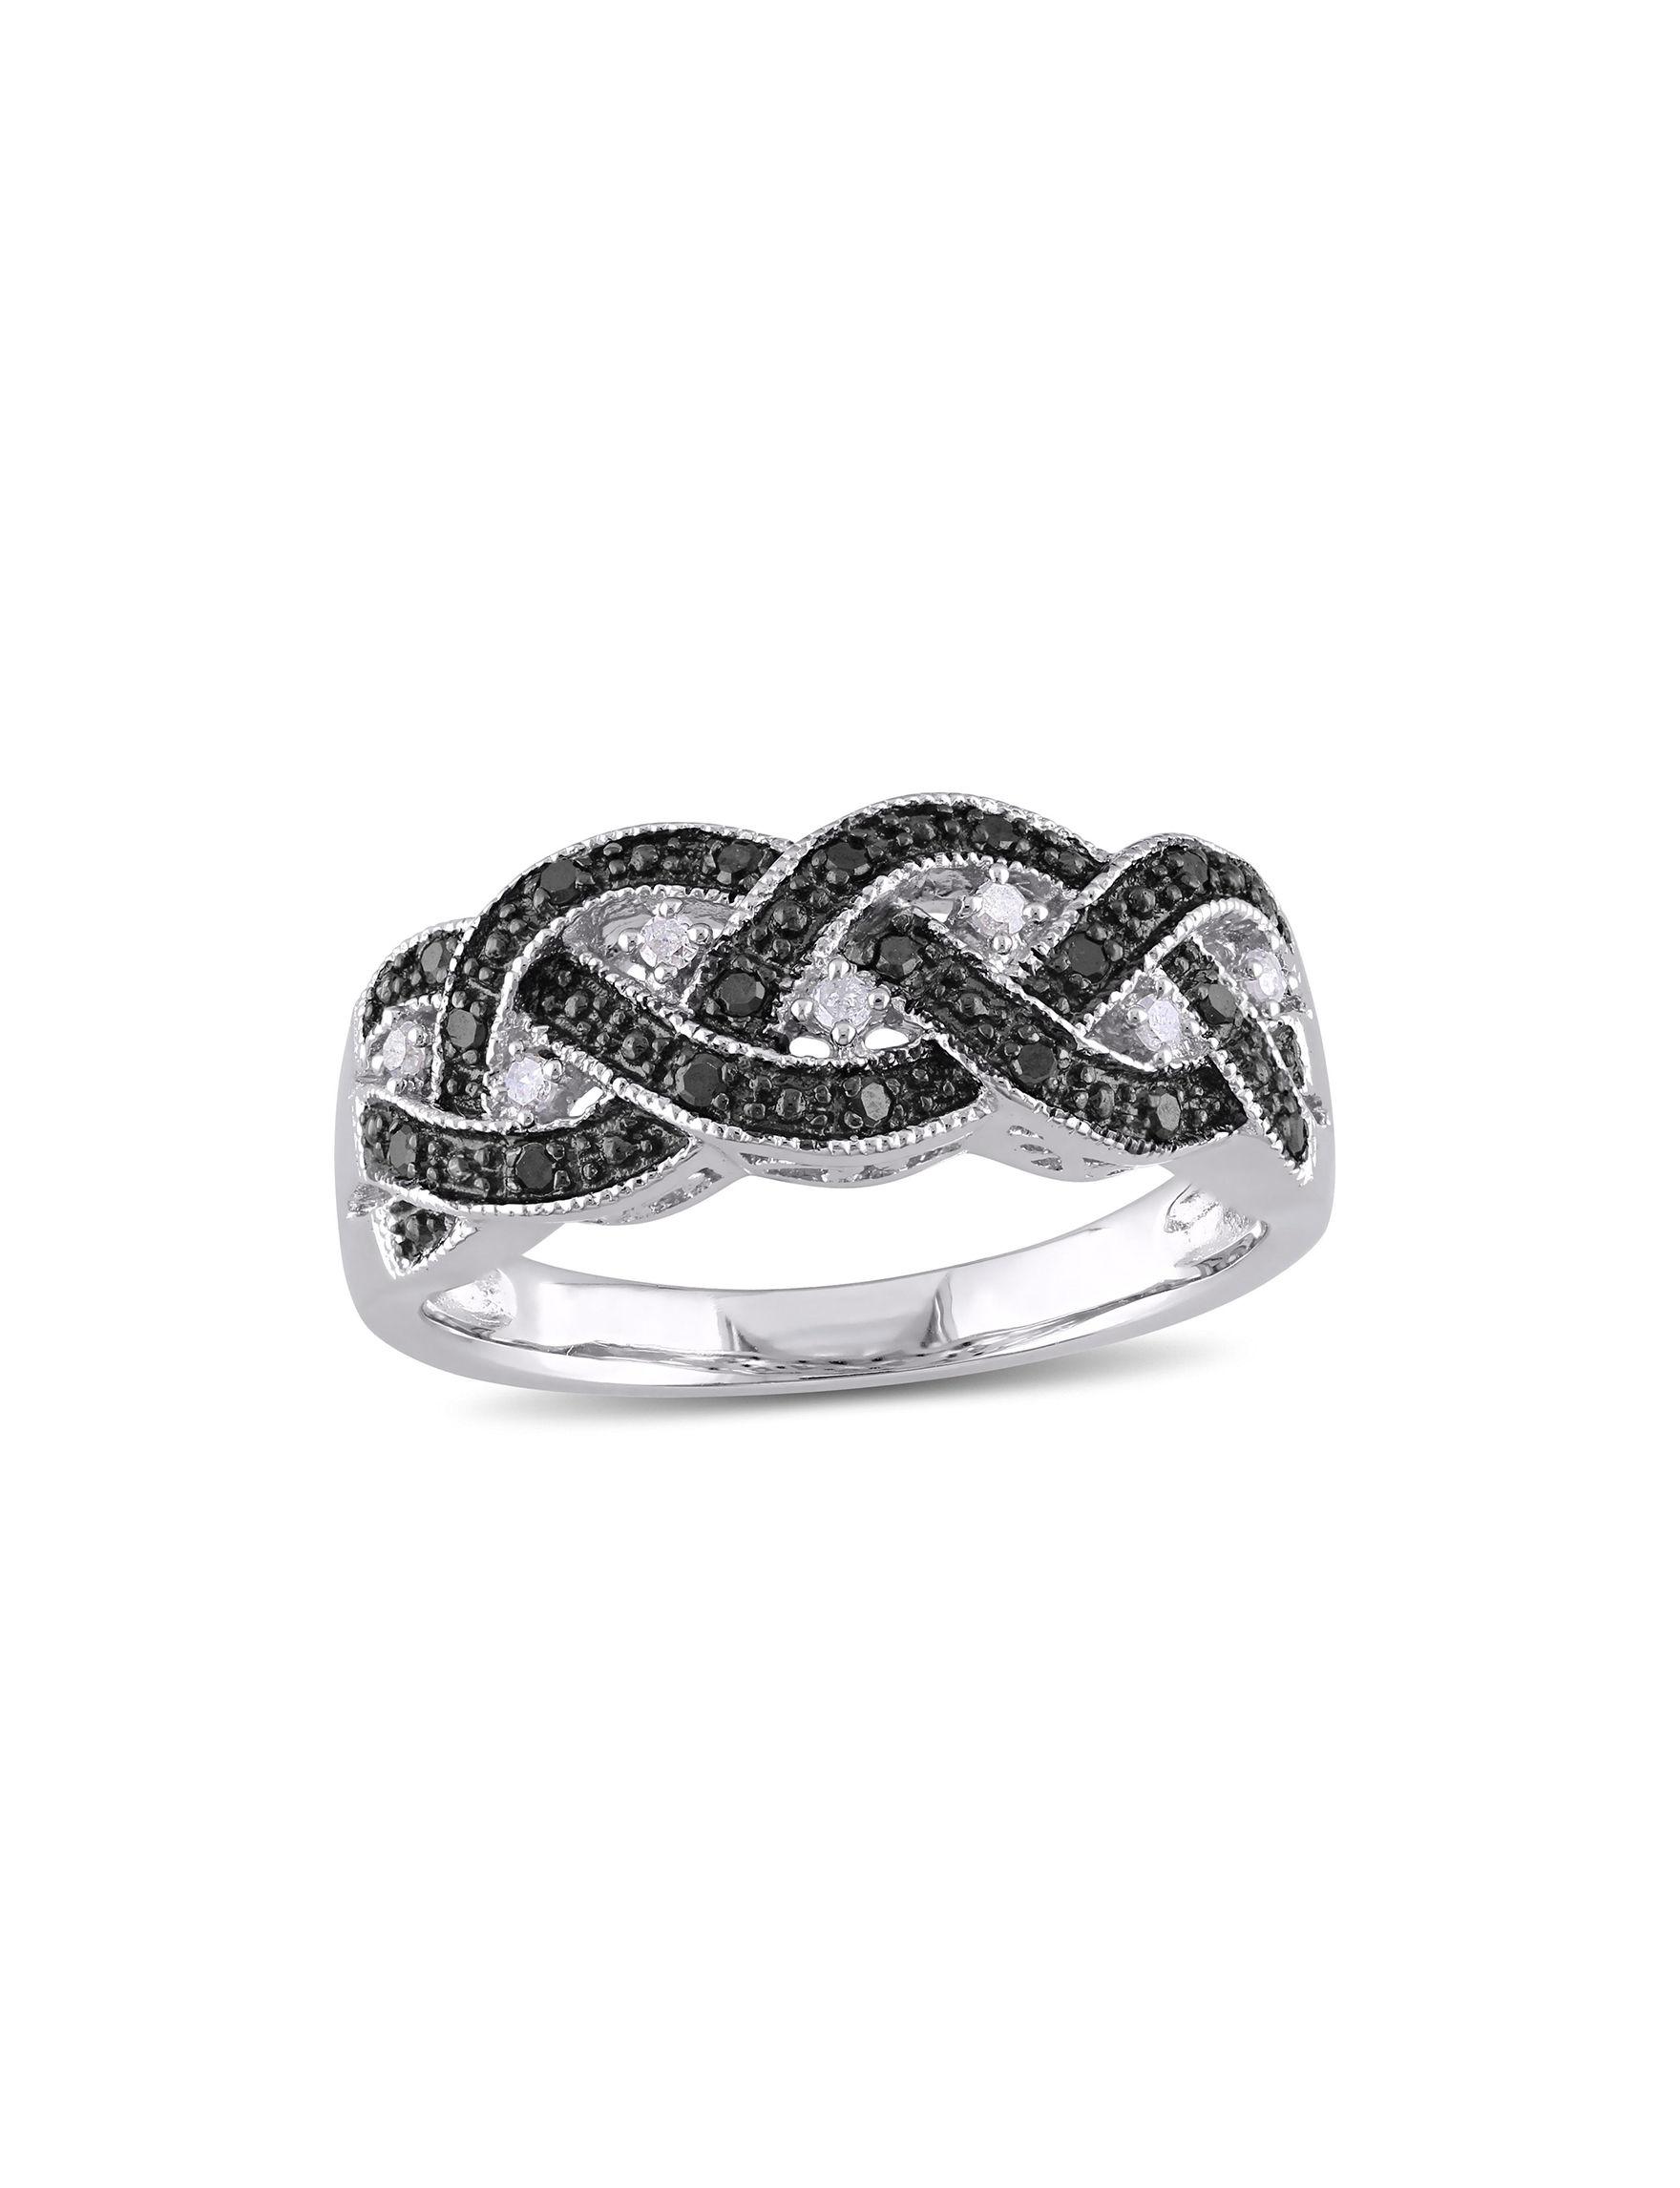 Moonlight Diamonds Silver Rings Fine Jewelry